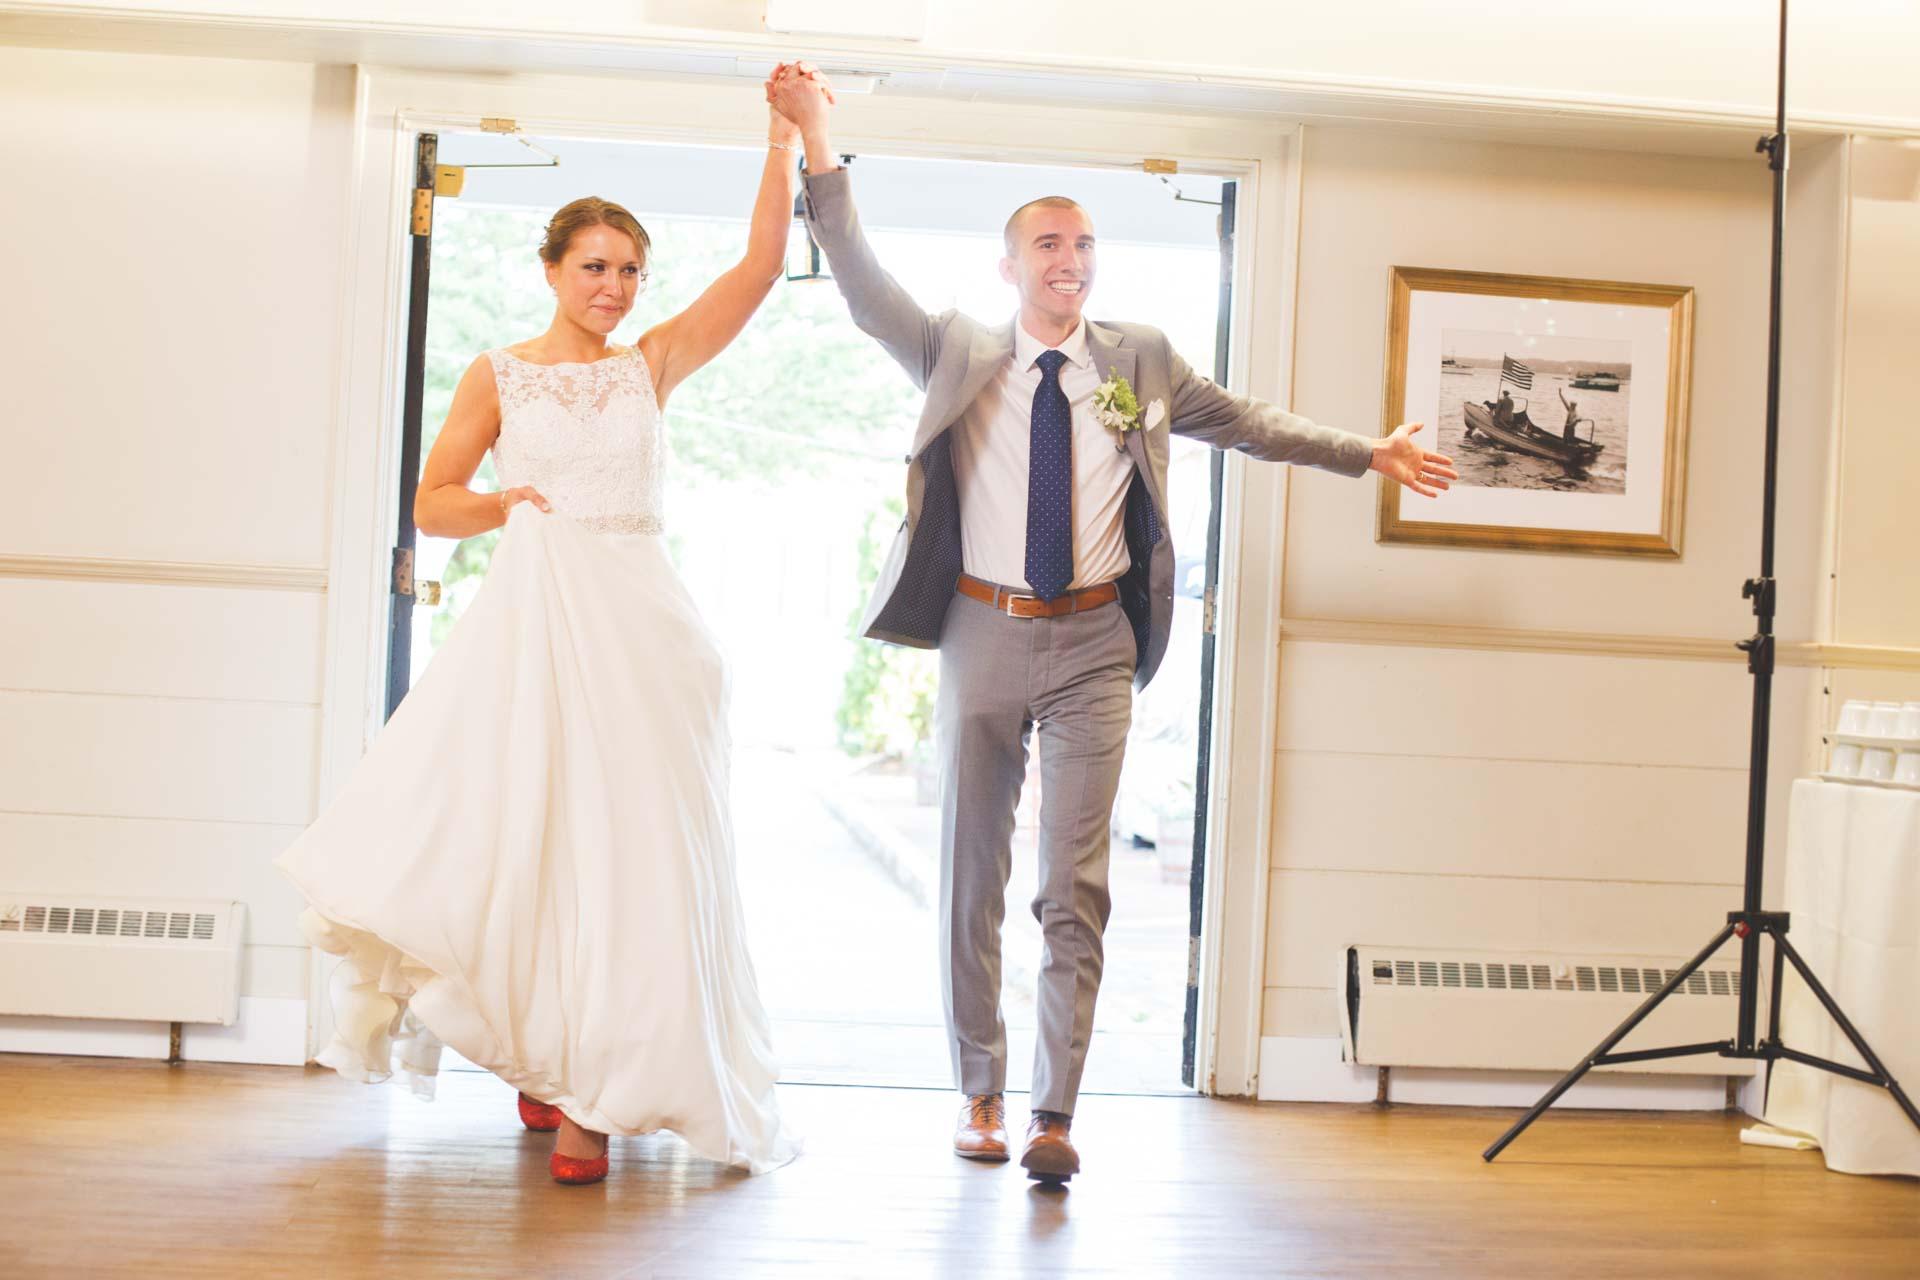 latitude-41-wedding-photography (42 of 66).jpg